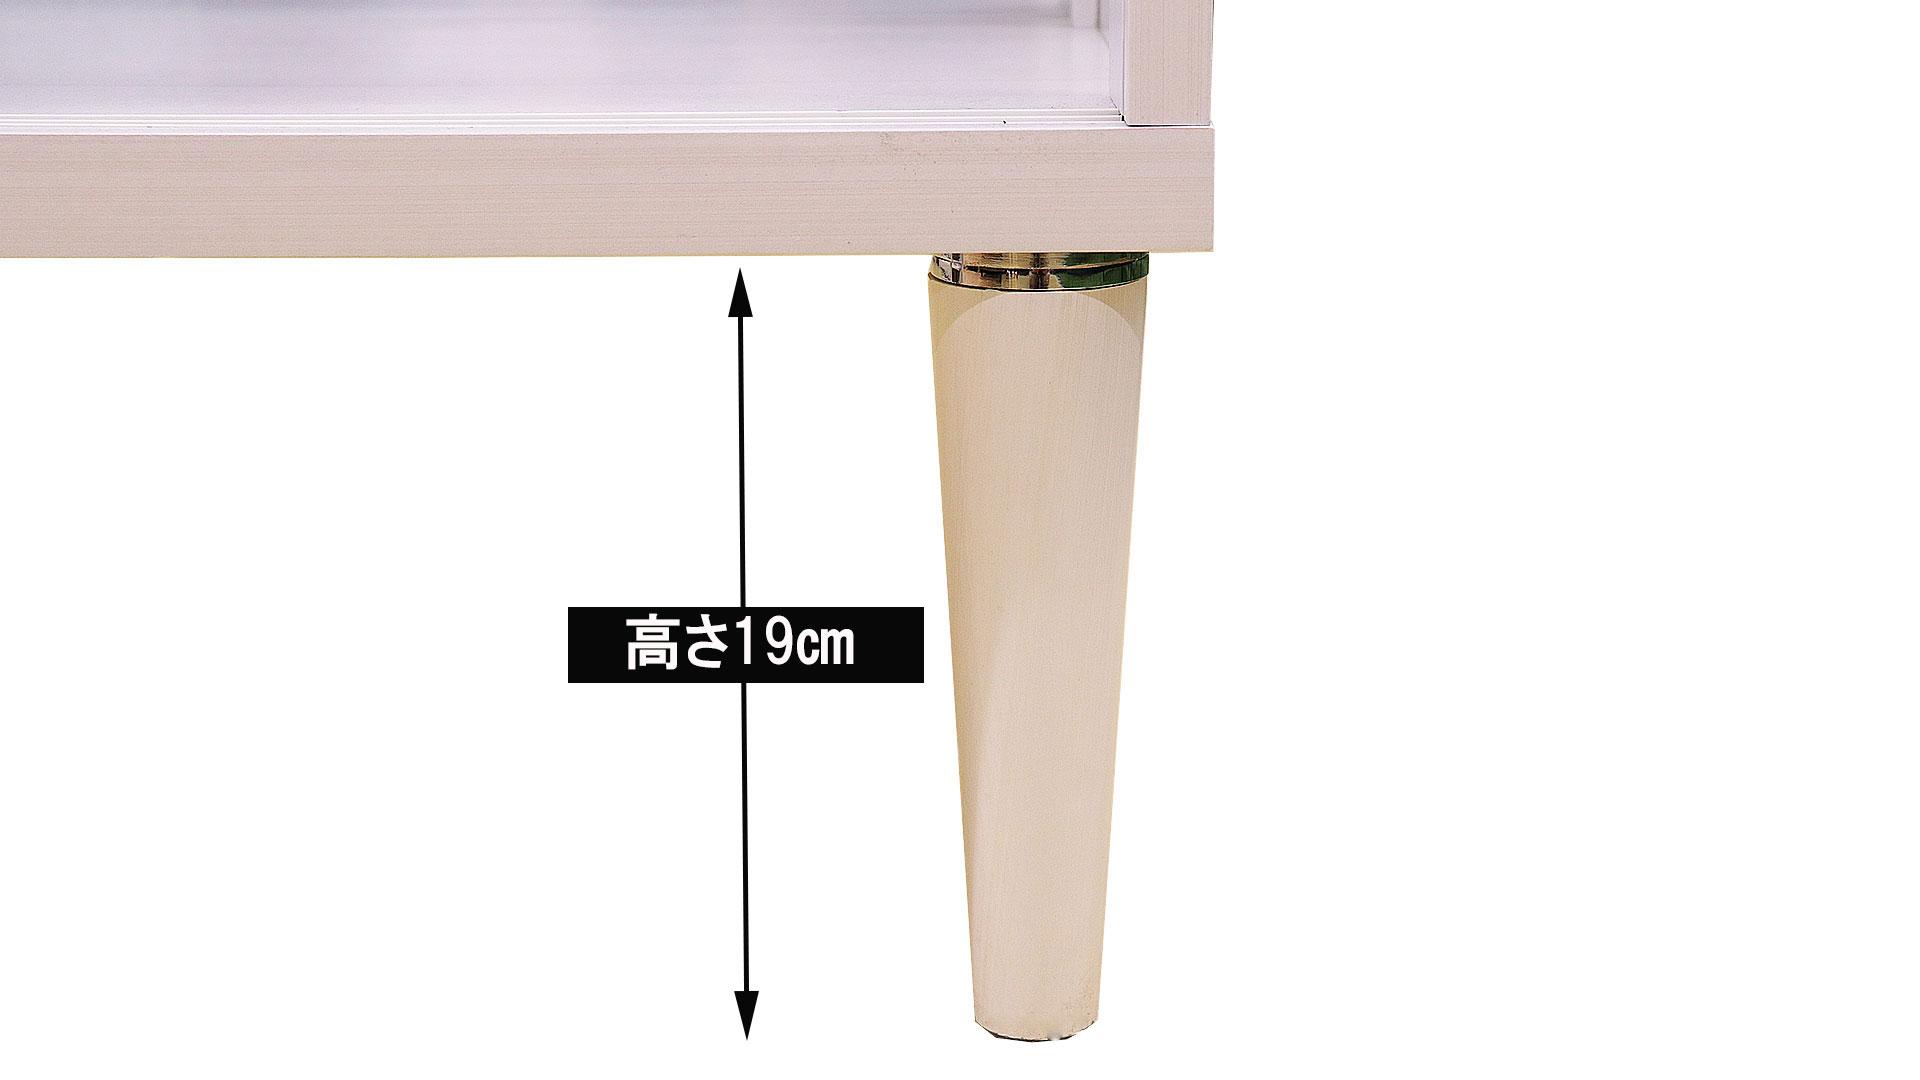 フレンチカントリー調の横幅75㎝のコレクションボード、シェイプの脚の高さのサイズ画像